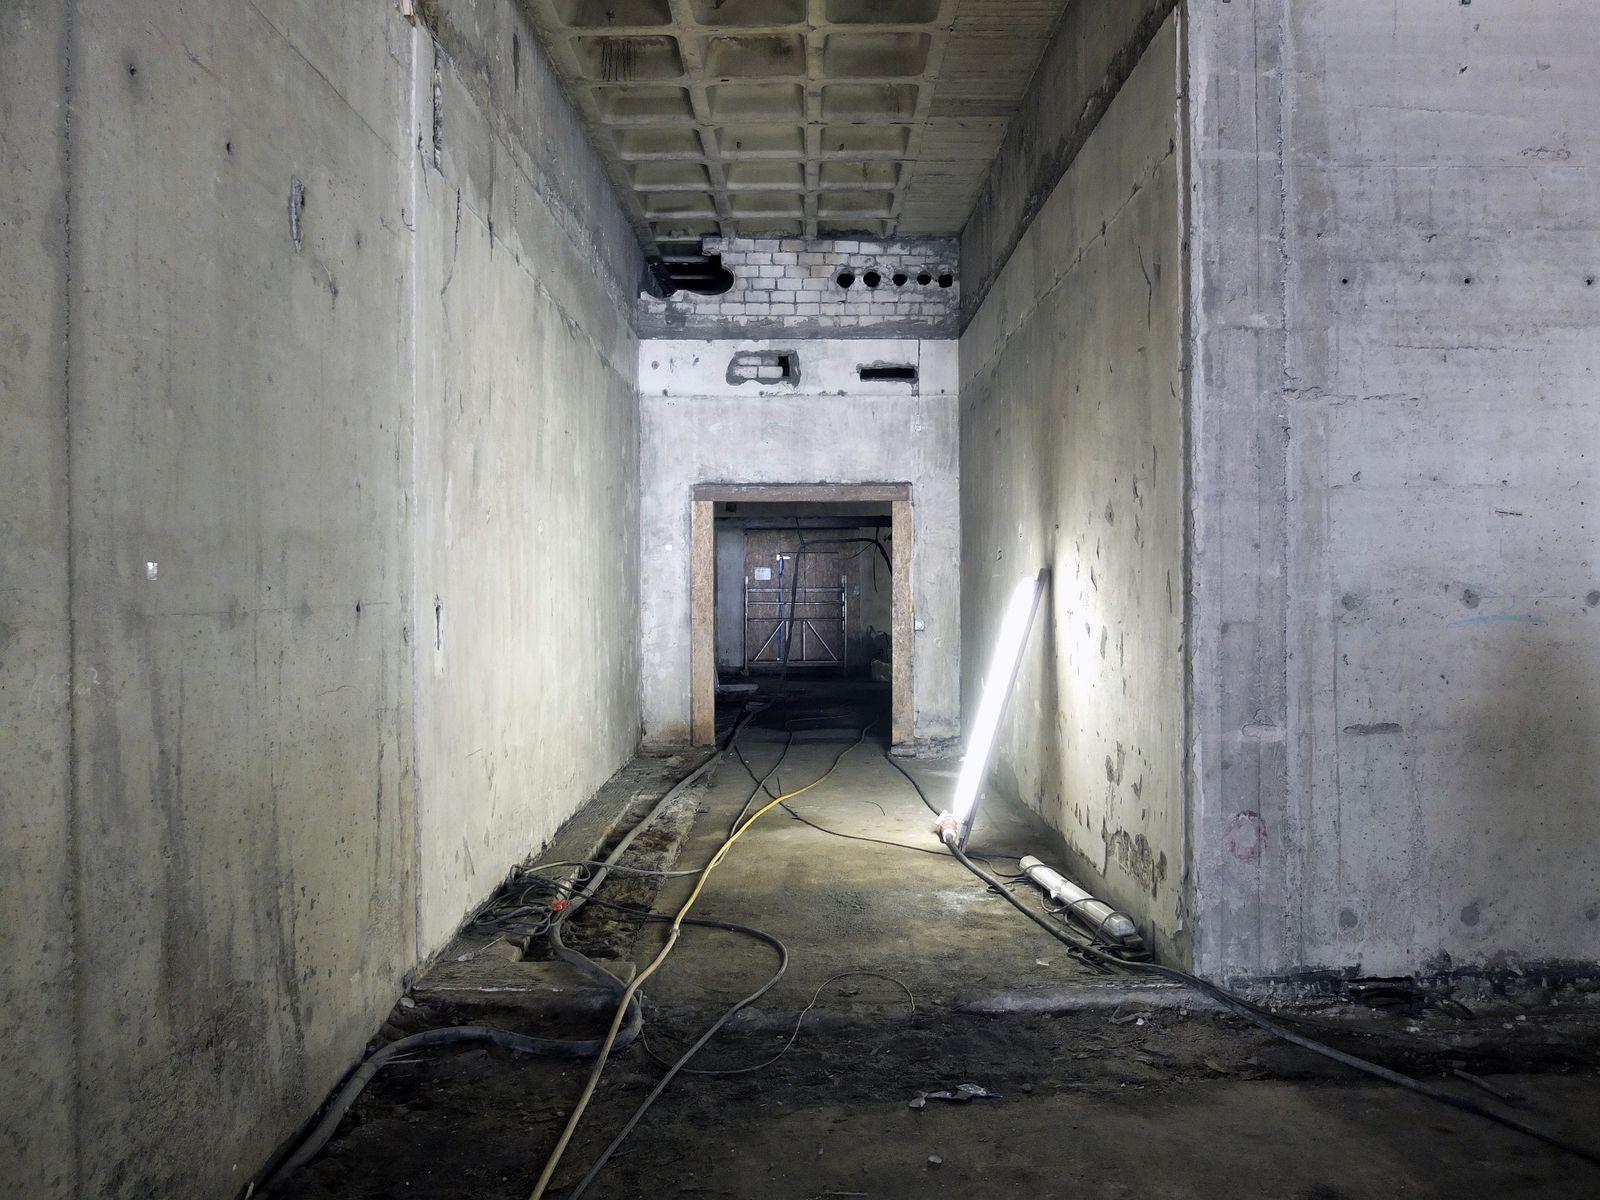 Ein Bereich im Untergeschoss. © Staatliche Museen zu Berlin / schmedding.vonmarlin.